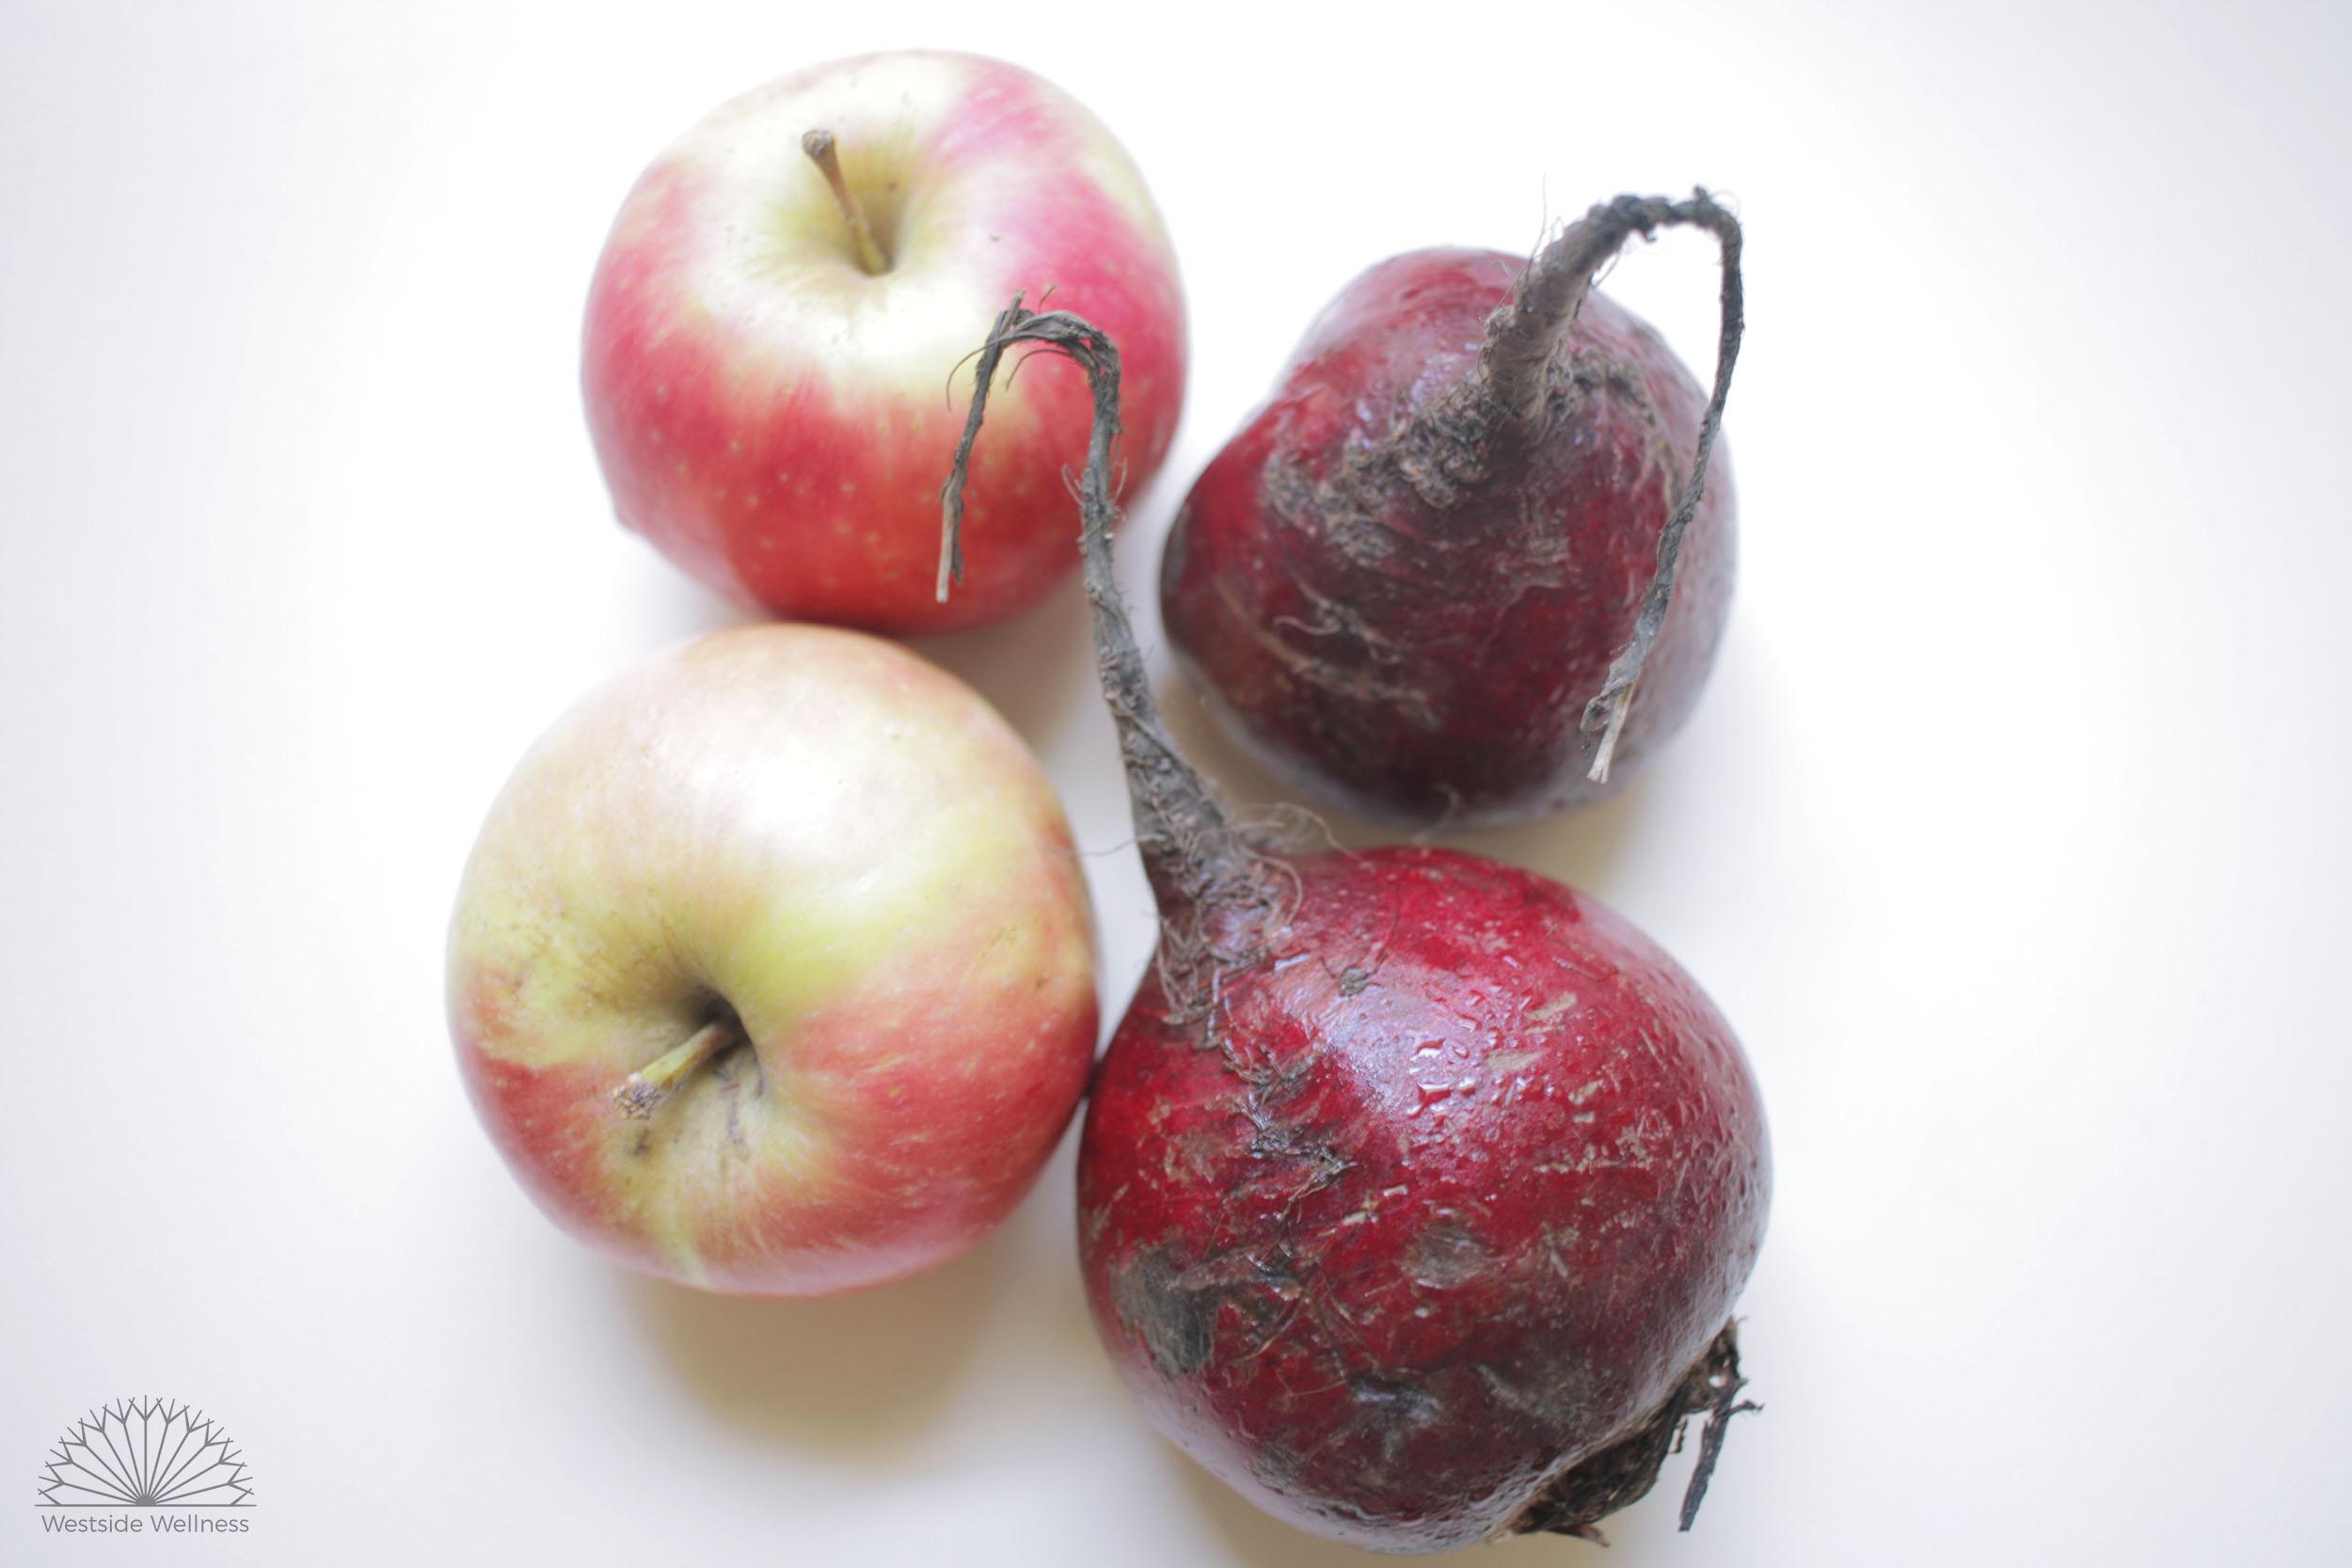 beetroot and apple web vers.jpg